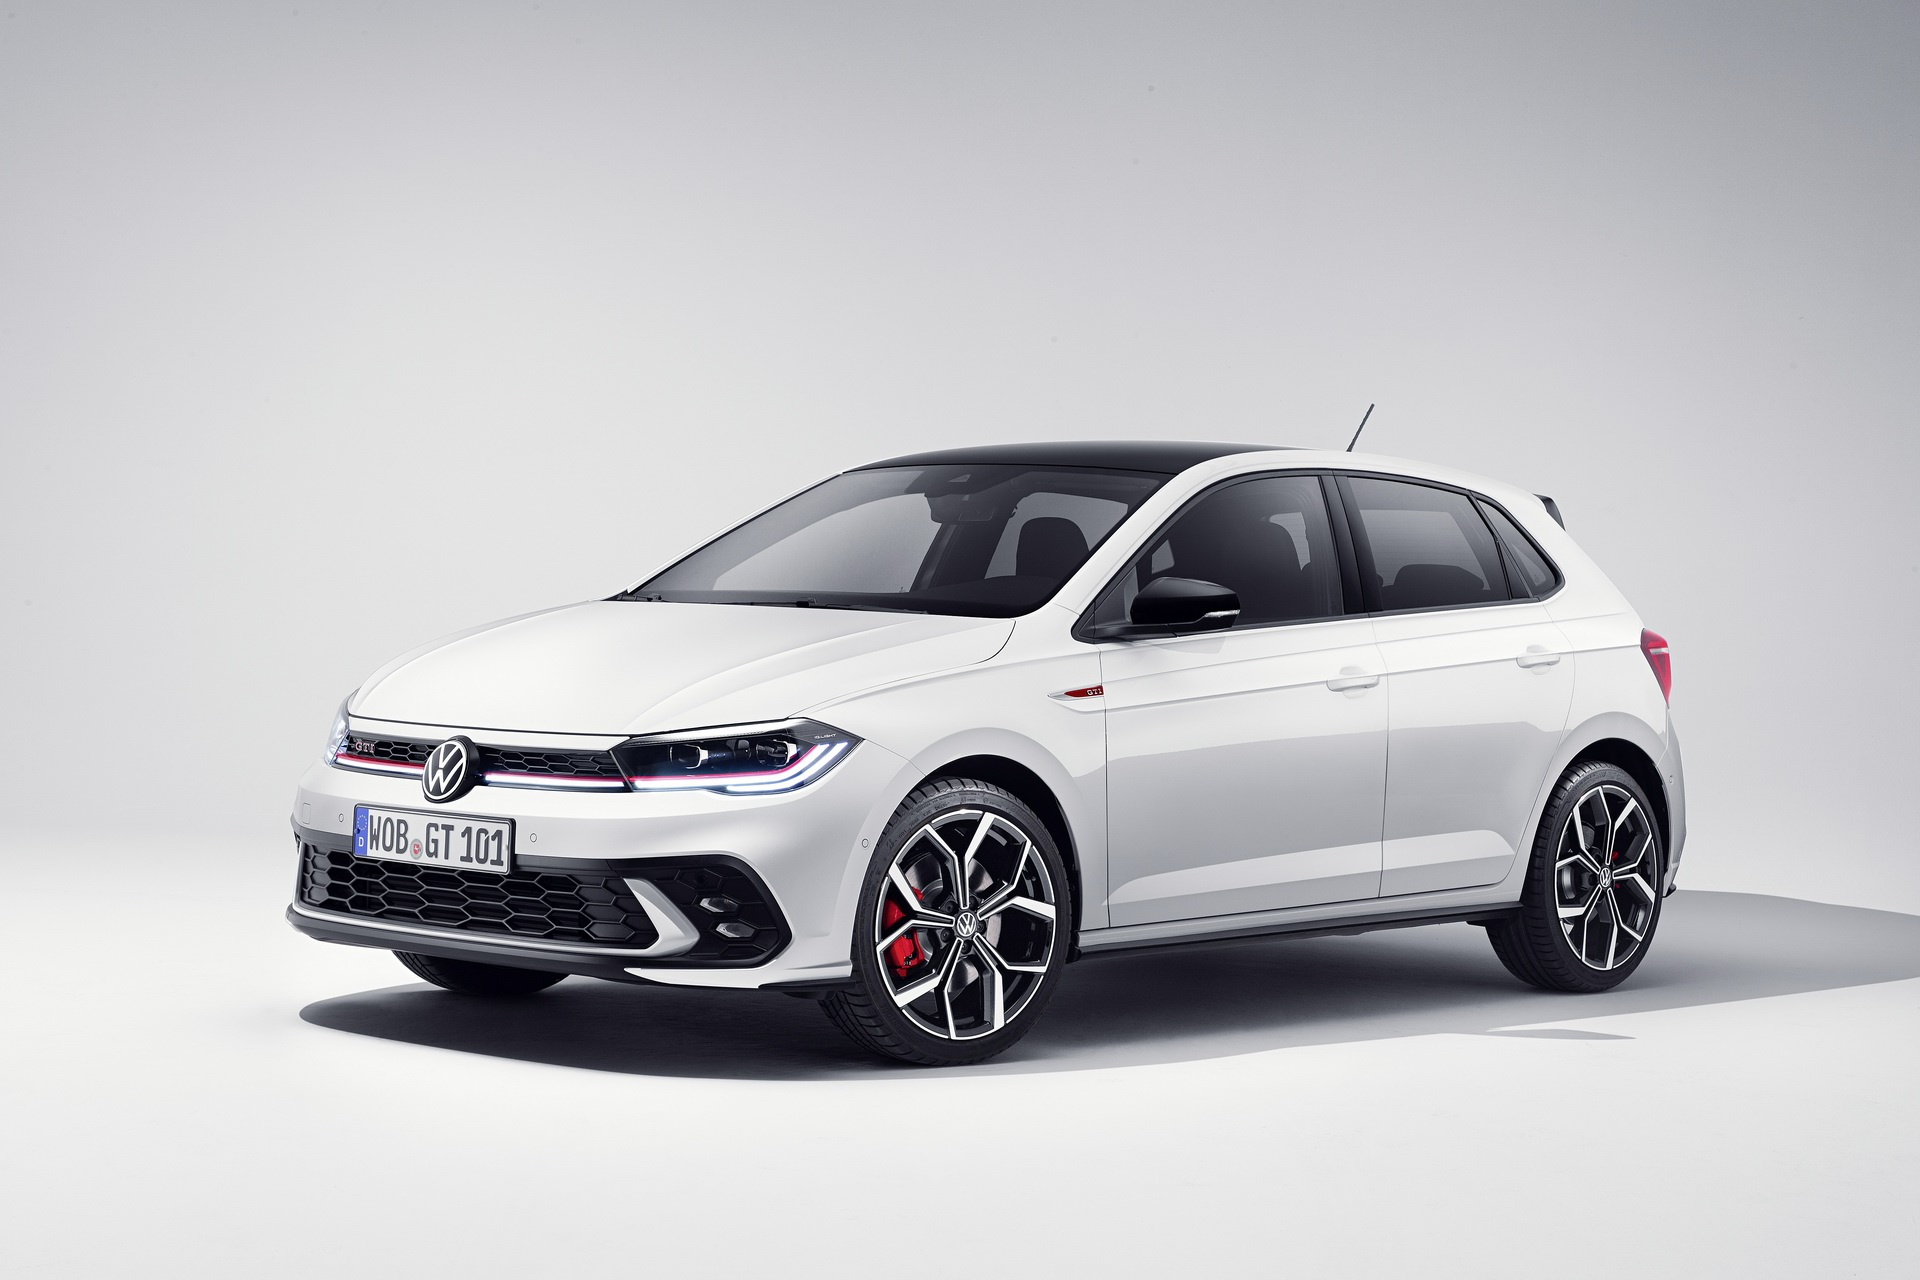 Νέο VW Polo GTI: Ανανεωμένη εμφάνιση και περισσότερα άλογα (pics)